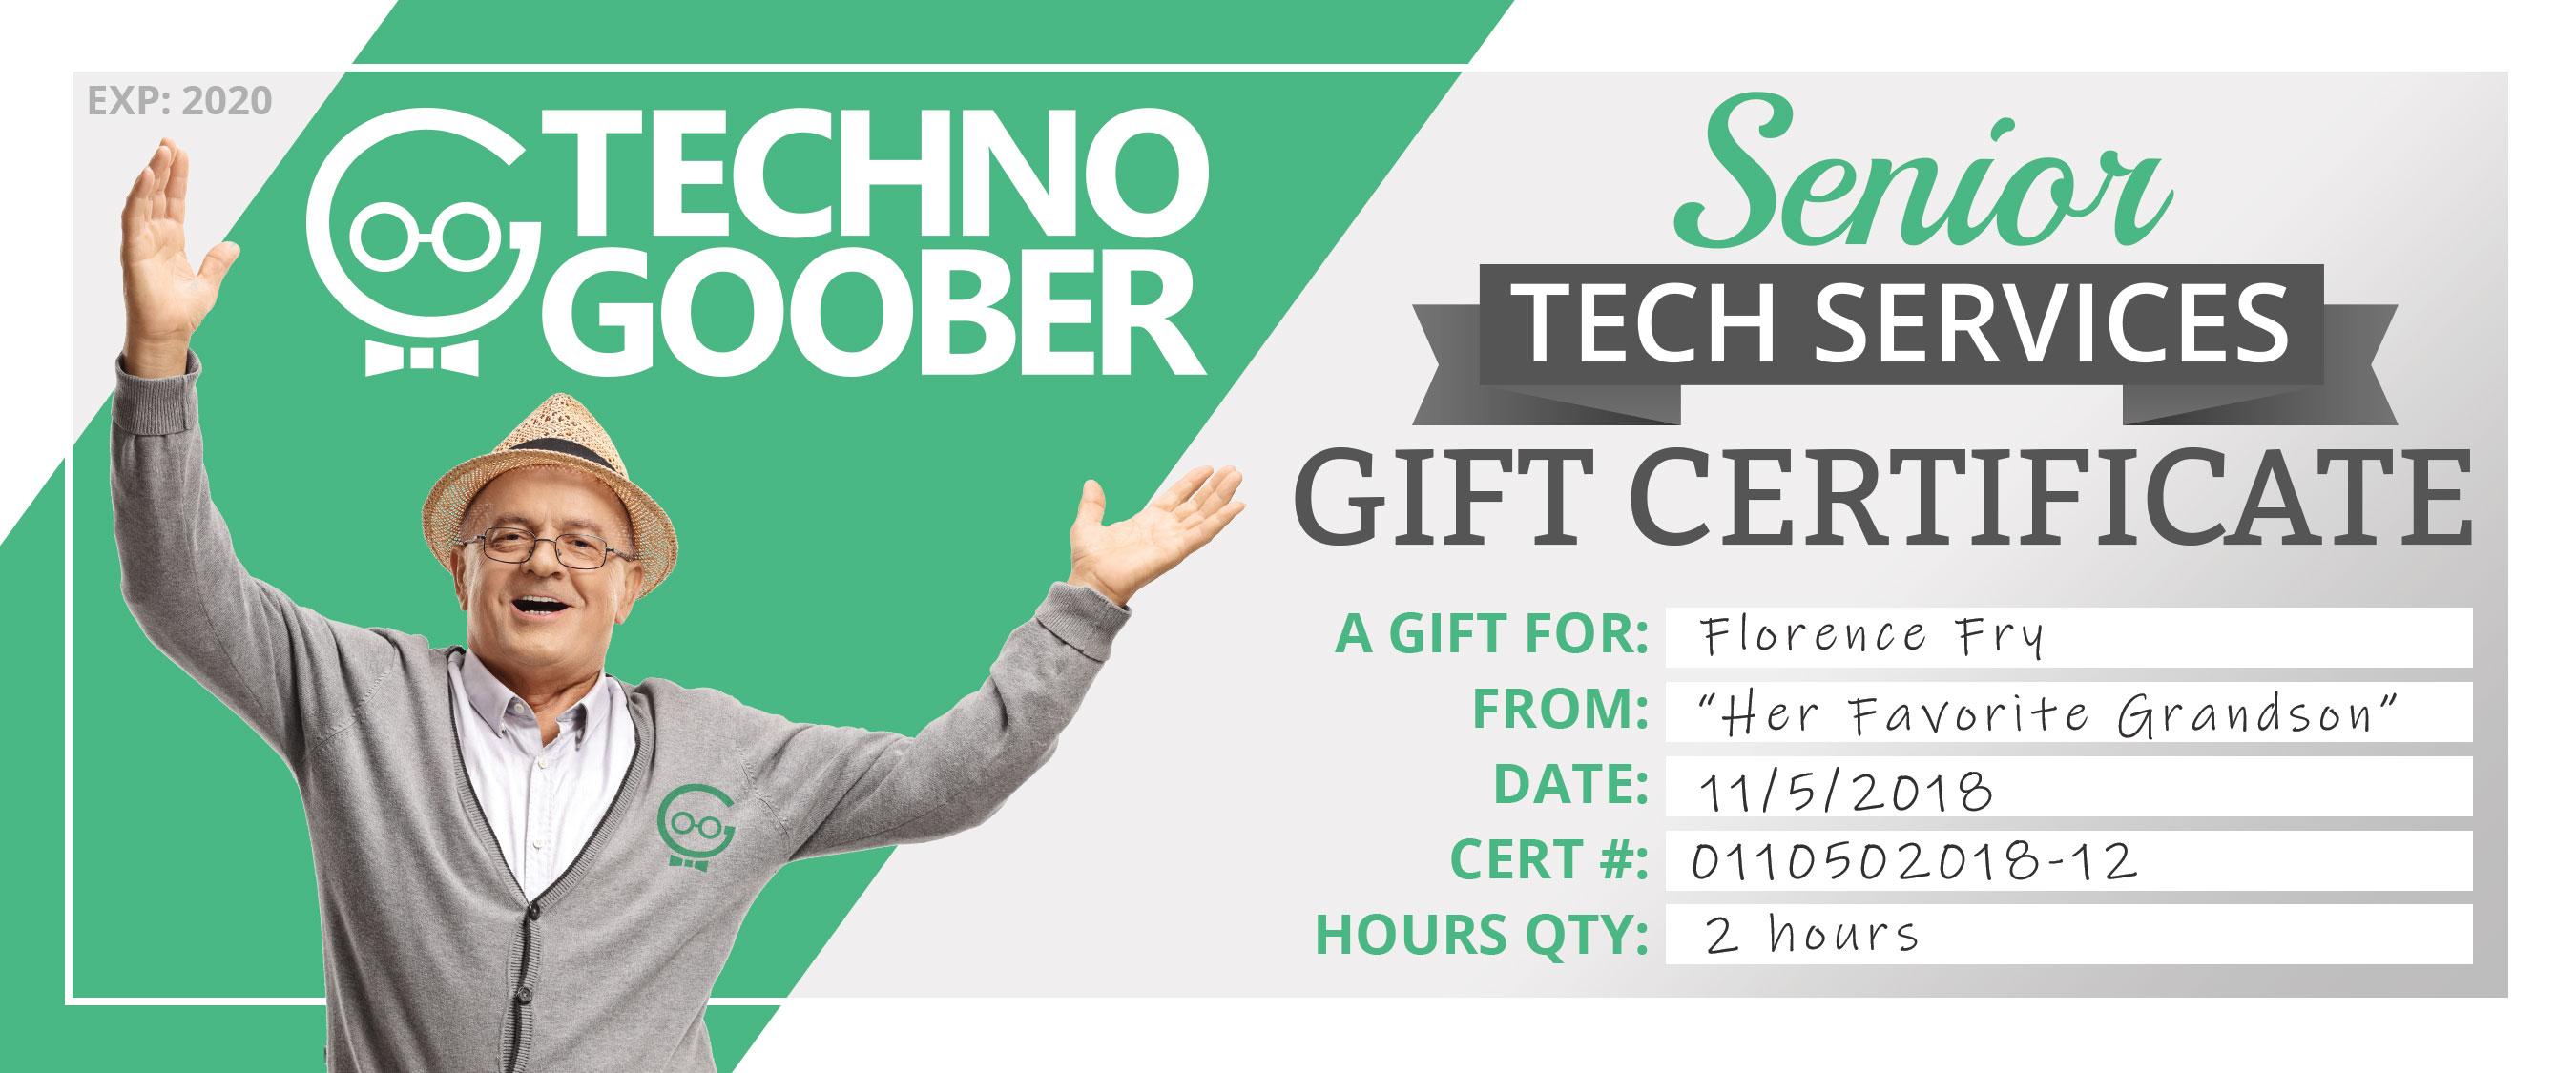 Senior Tech Services